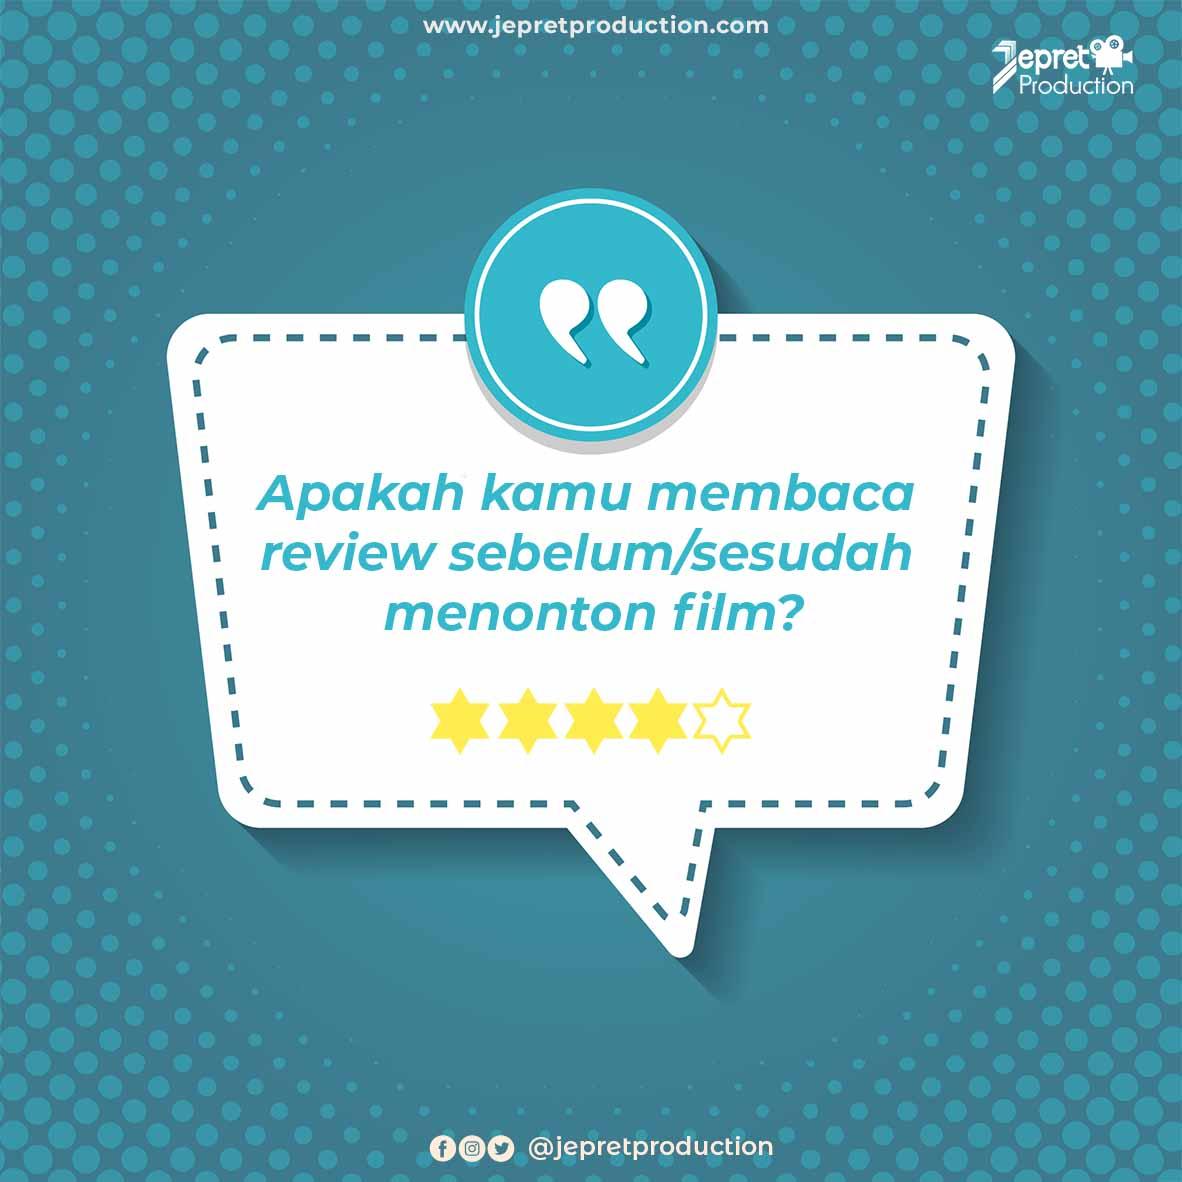 Apakah kamu membaca review sebelum/sesudah menonton film?